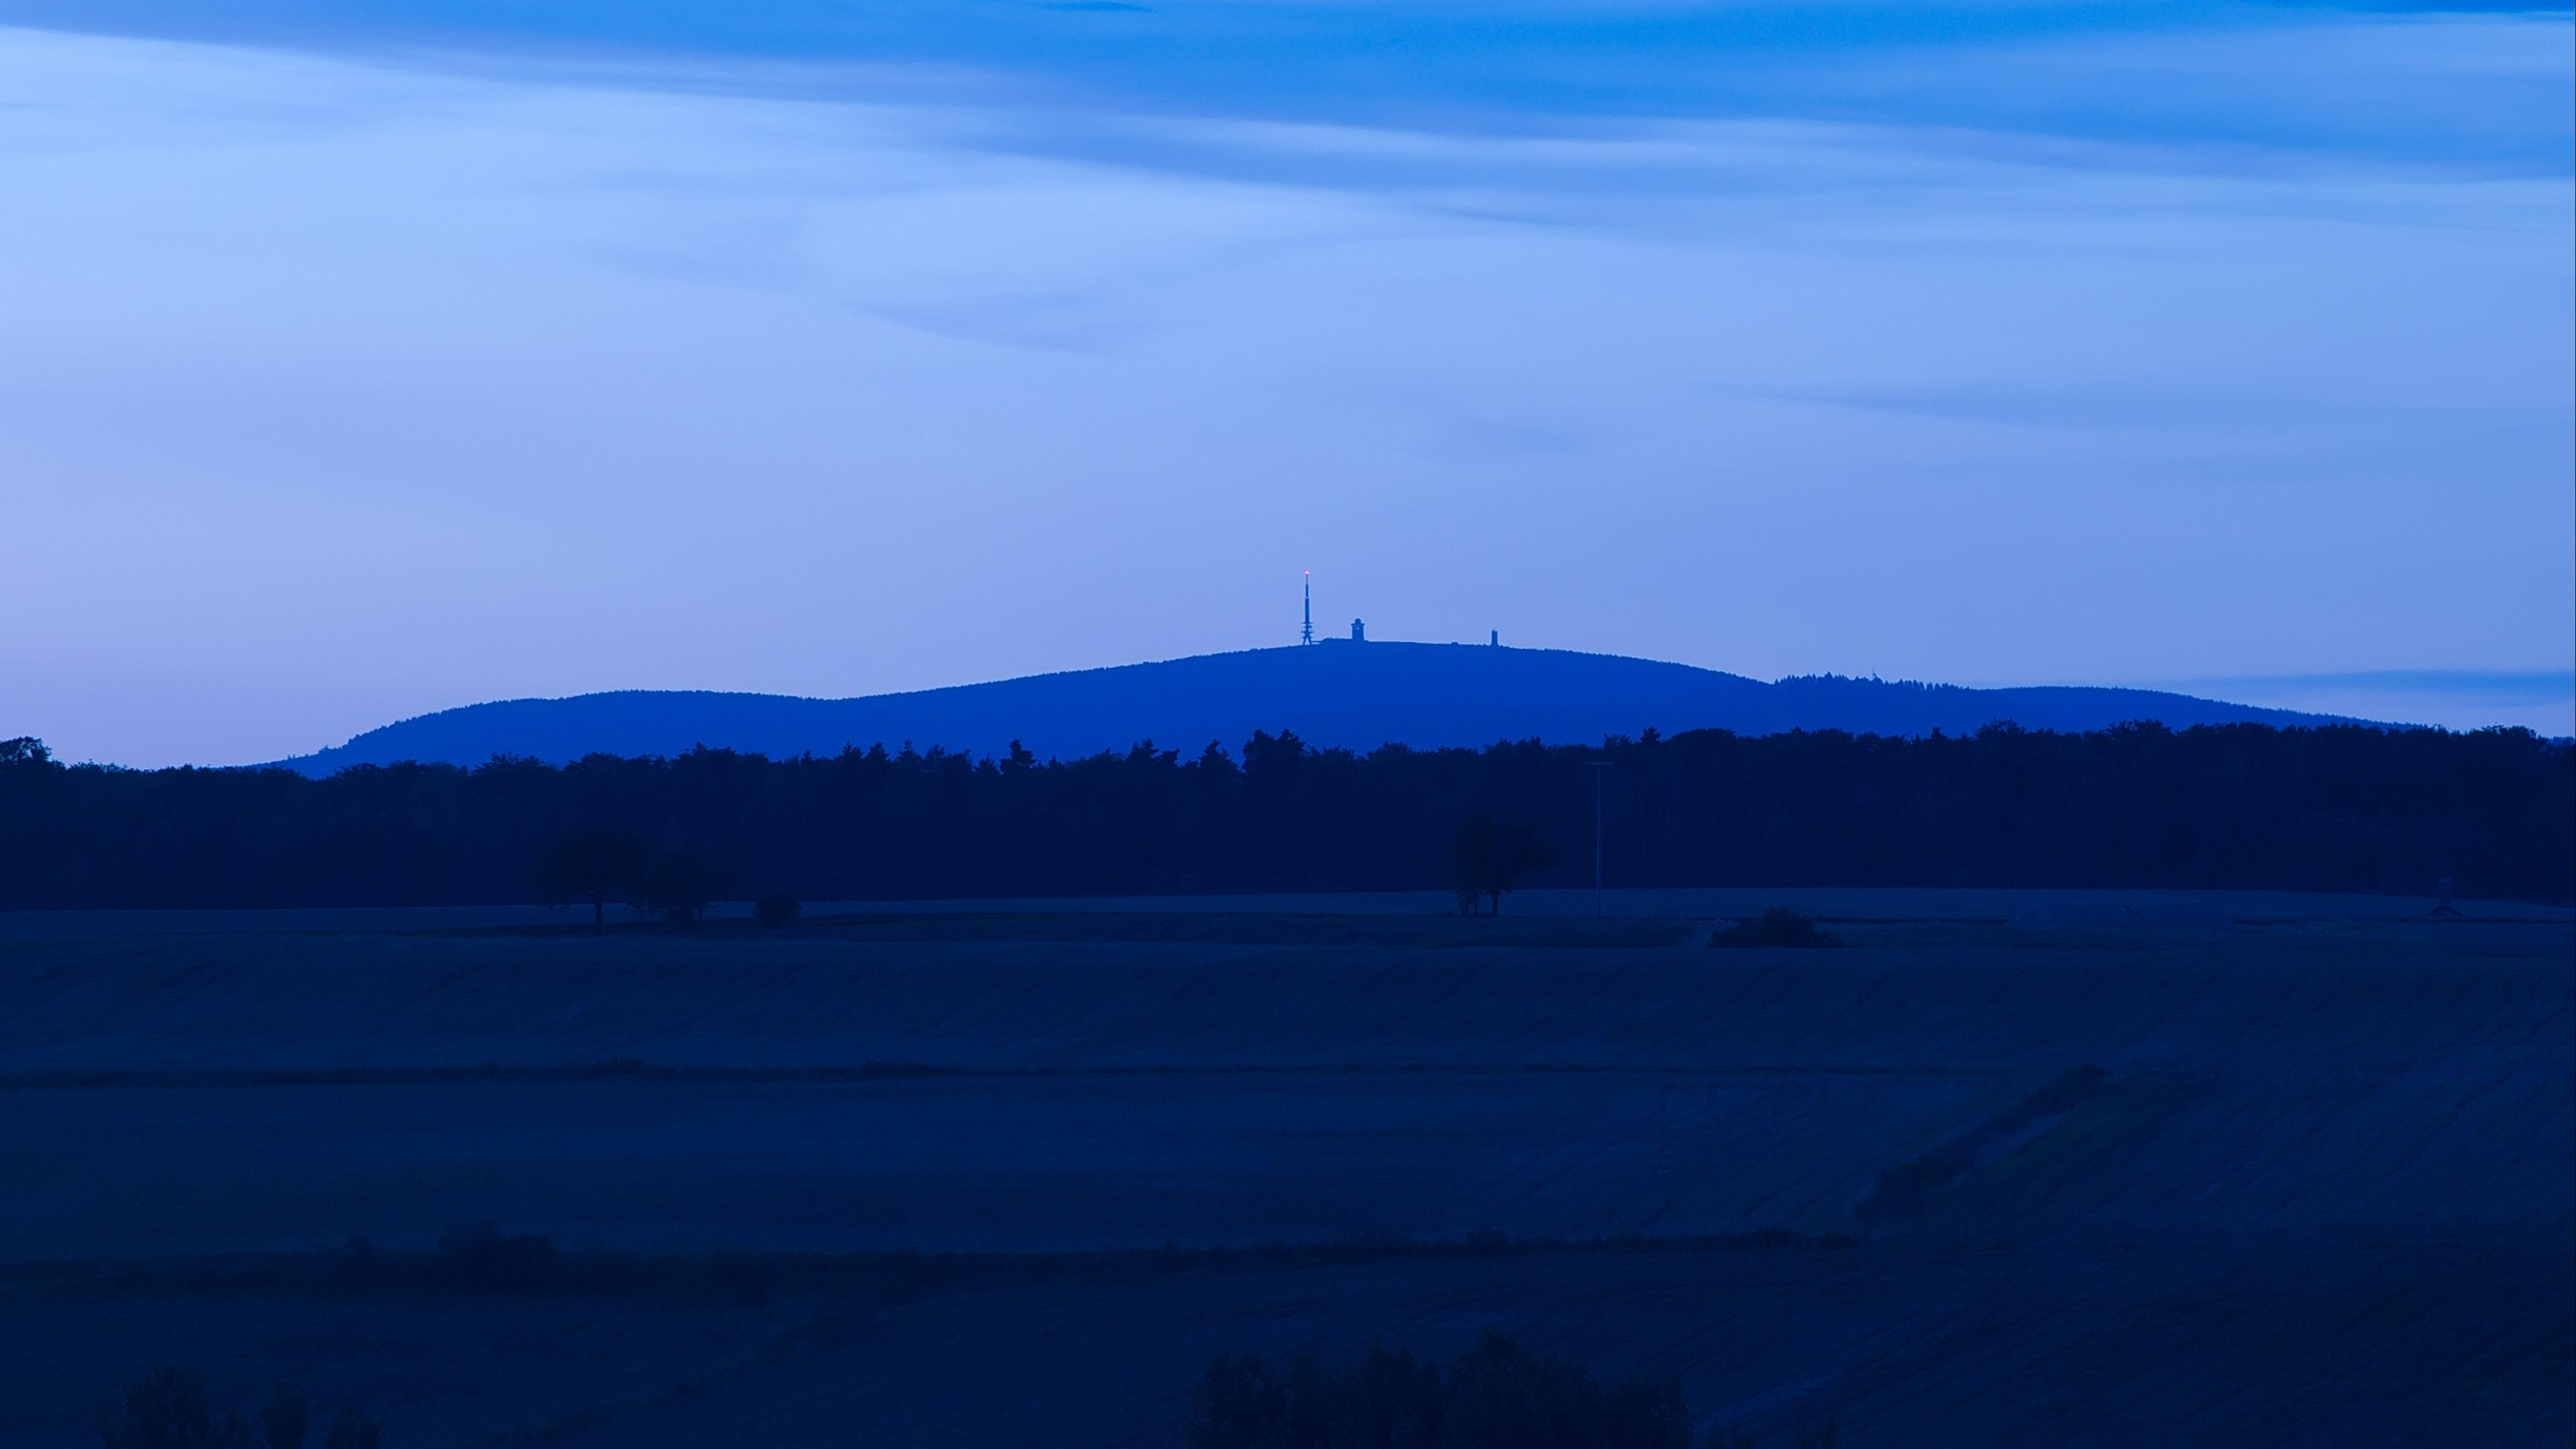 blue sky evening 4k 1541114097 - blue, sky, evening 4k - Sky, Evening, blue